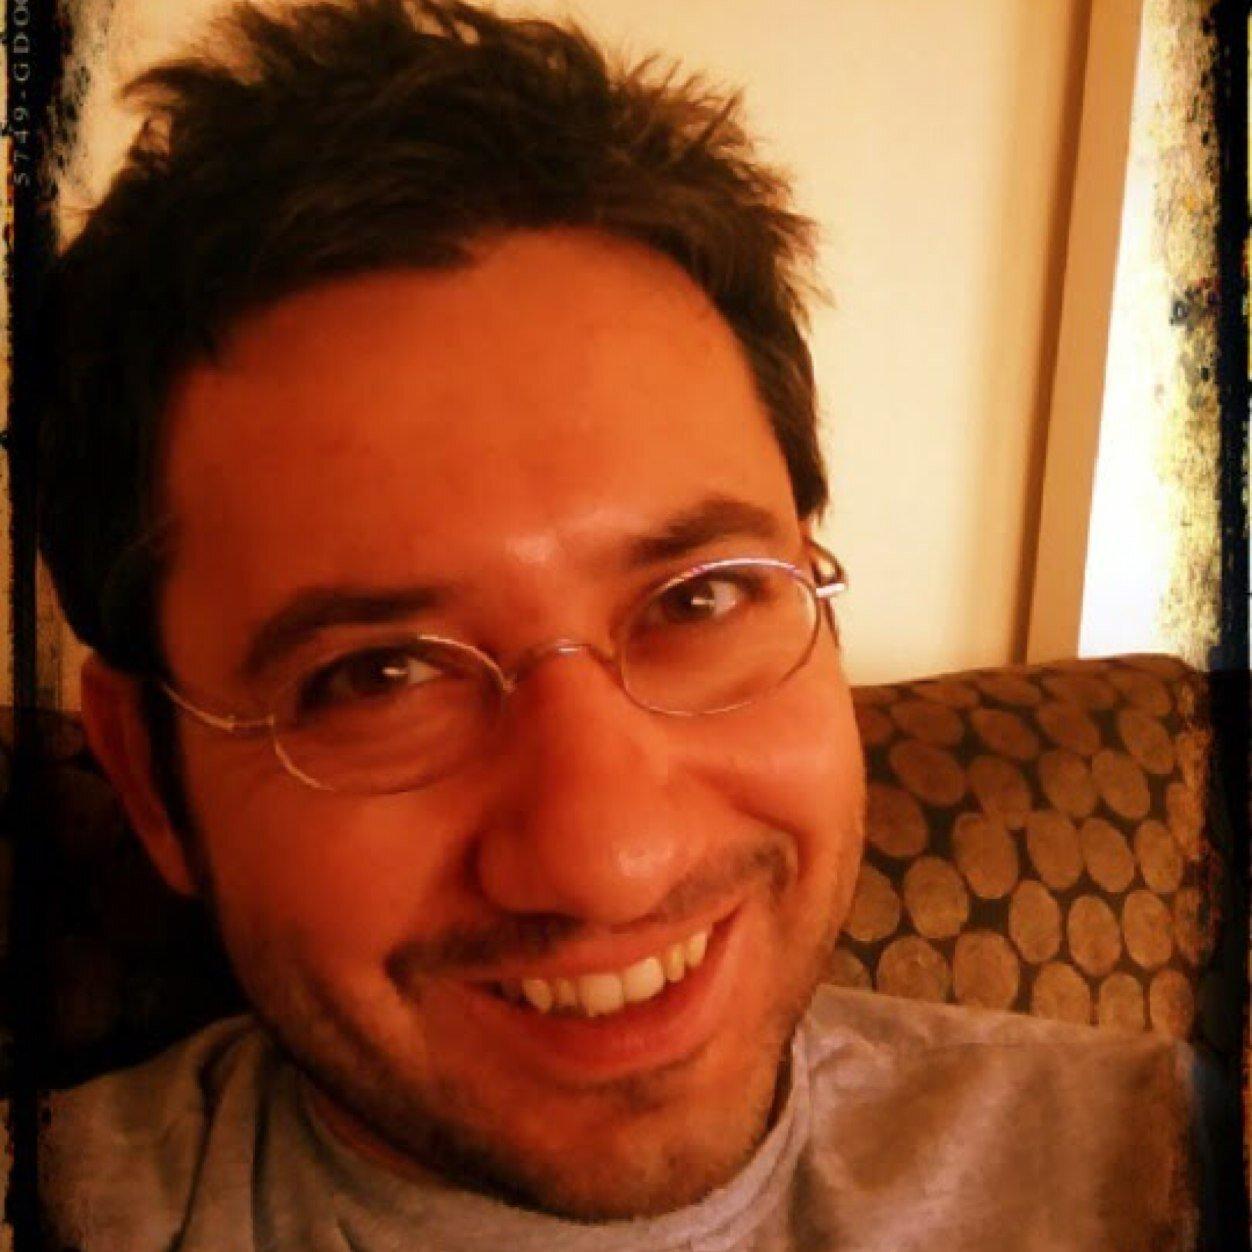 bülent başpınar's Twitter Profile Picture